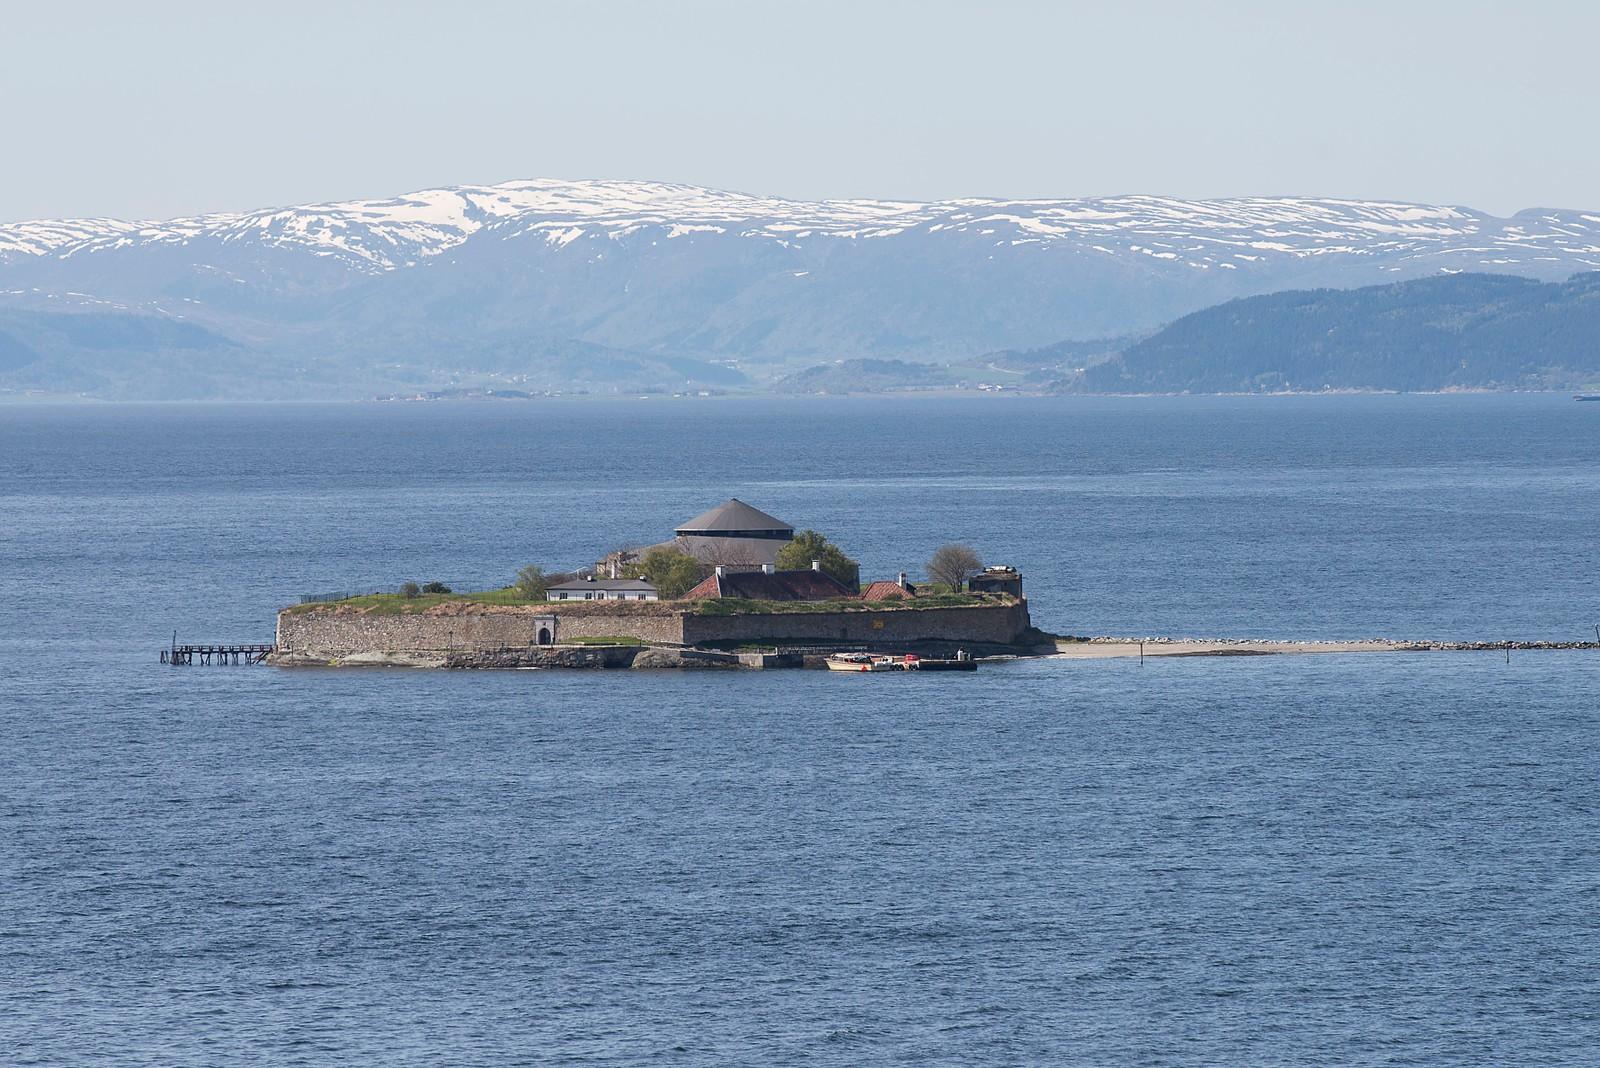 Munkholmen er en liten holme som ligger i Strindfjorden rett utenfor Trondheim. Holmen ble tidlig brukt som rettersted der bl.a. Olav Tryggvasson satte hodene til Håkon jarl og trellen Kark og på nidstang. Omkring år 1100 ble det opprettet et Benediktinerkloster på holmen. Restene av munkenes spisesal, «refektoriet», er fortsatt bevart i form av et flott hellelagt gulv, og kan ses bak Kommandantboligen. Fra 1660 og fram til nyere tid har Munkholmen vært viktig i forsvaret av Trondheim. Det store sentraltårnet fra 1670-årene står fortsatt og rester etter murer, kanonstillinger og oppholdsrom for soldater kan fortsatt sees. Munkholmen var statsfengsel i perioden 1680-1850.